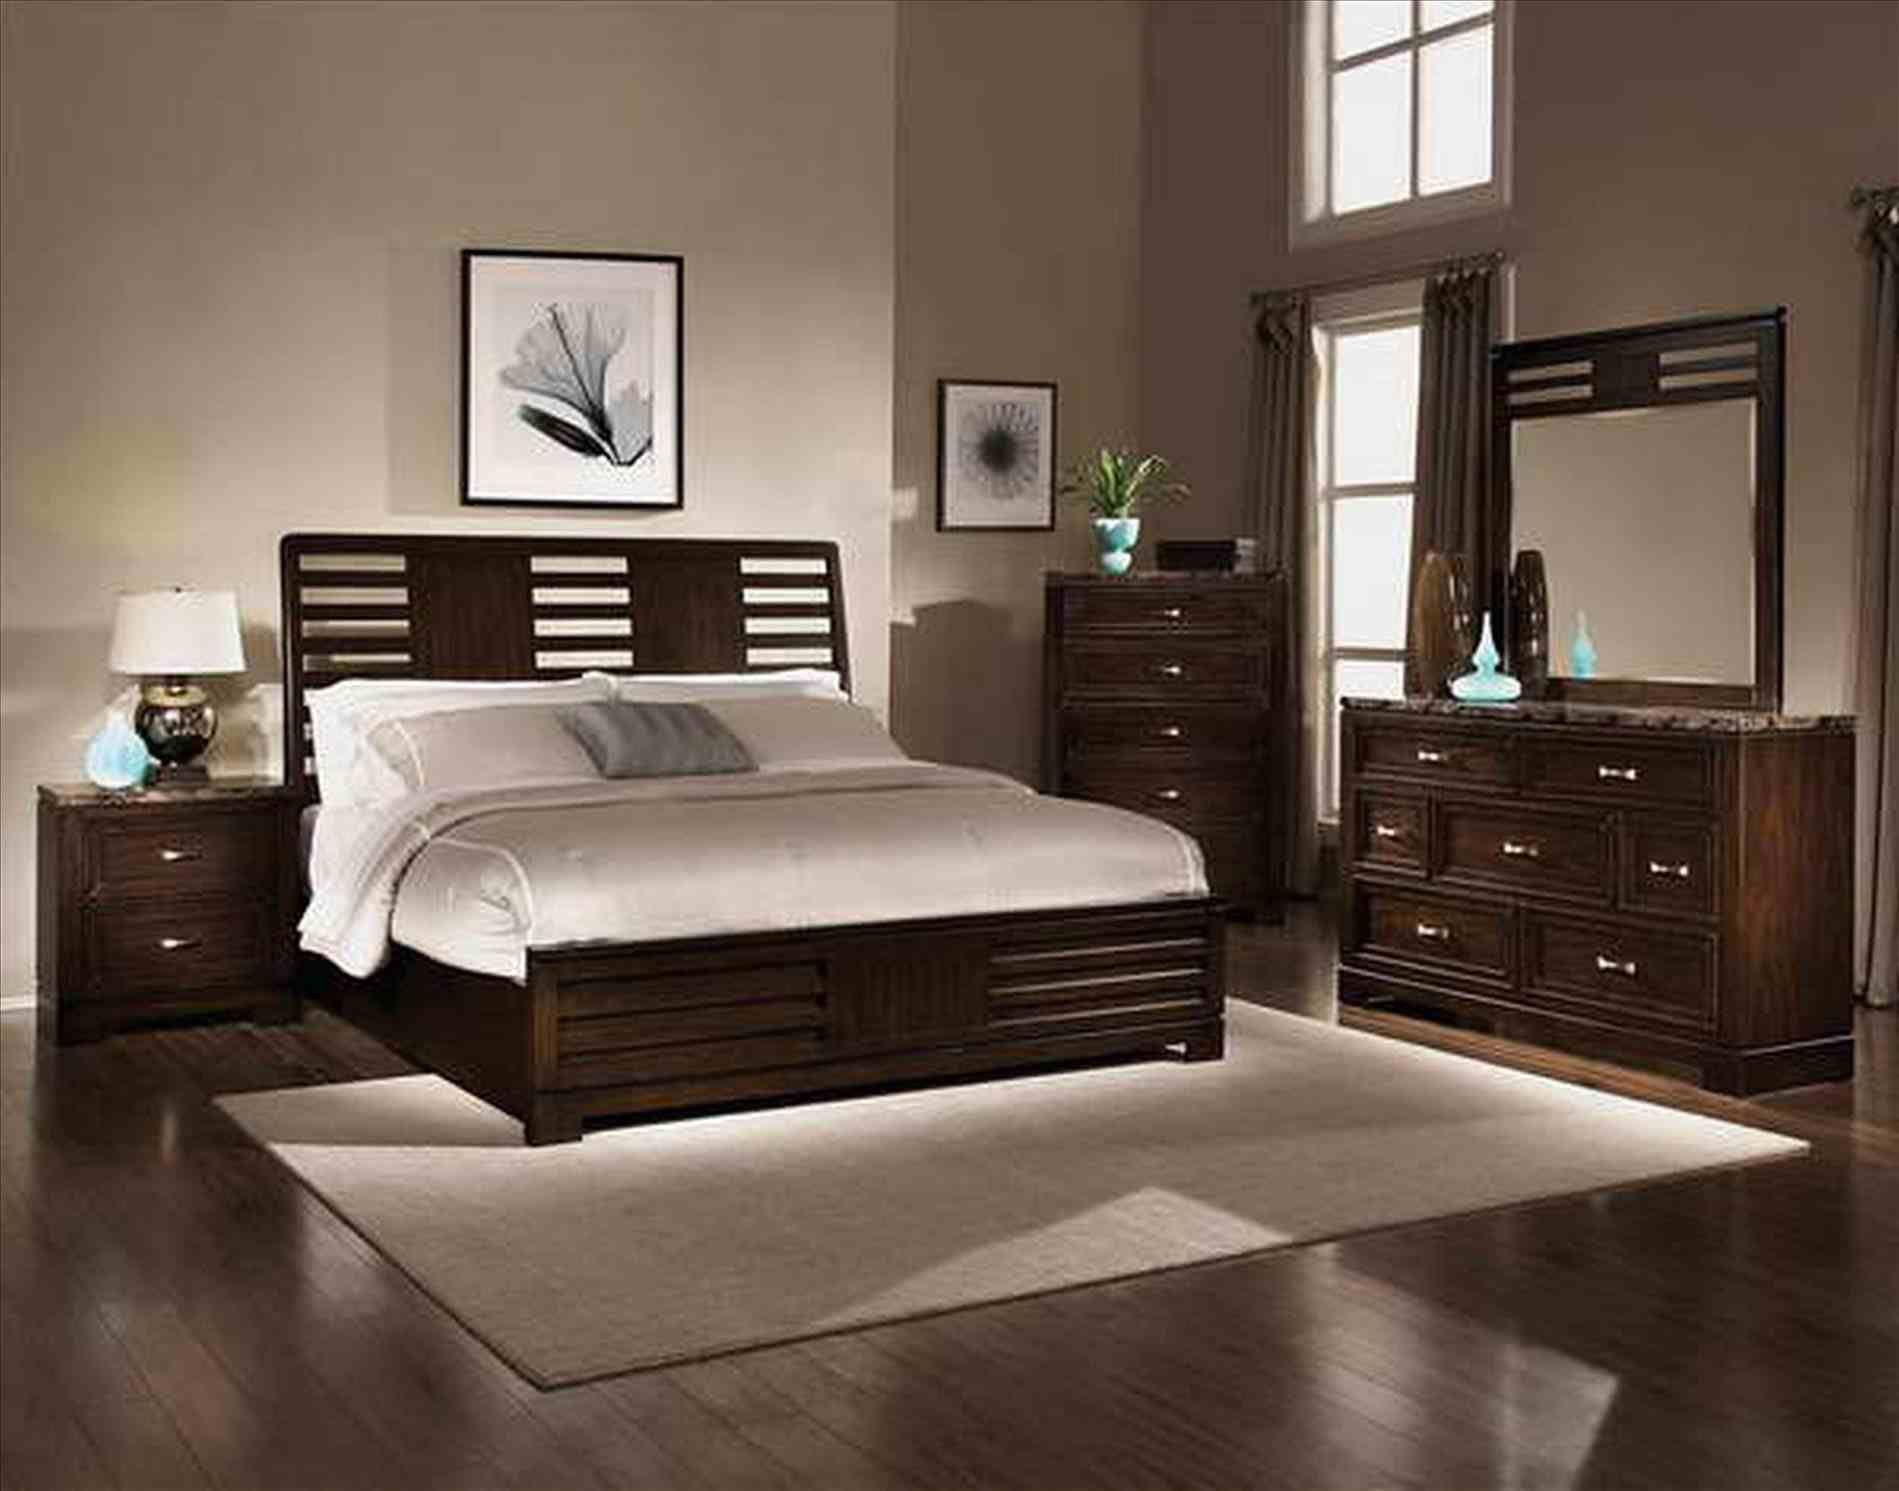 Bobayule Com Bobayule On Budget Ideas Brown Furniture Bedroom Bedroom Furniture Layout Bedroom Wall Colors